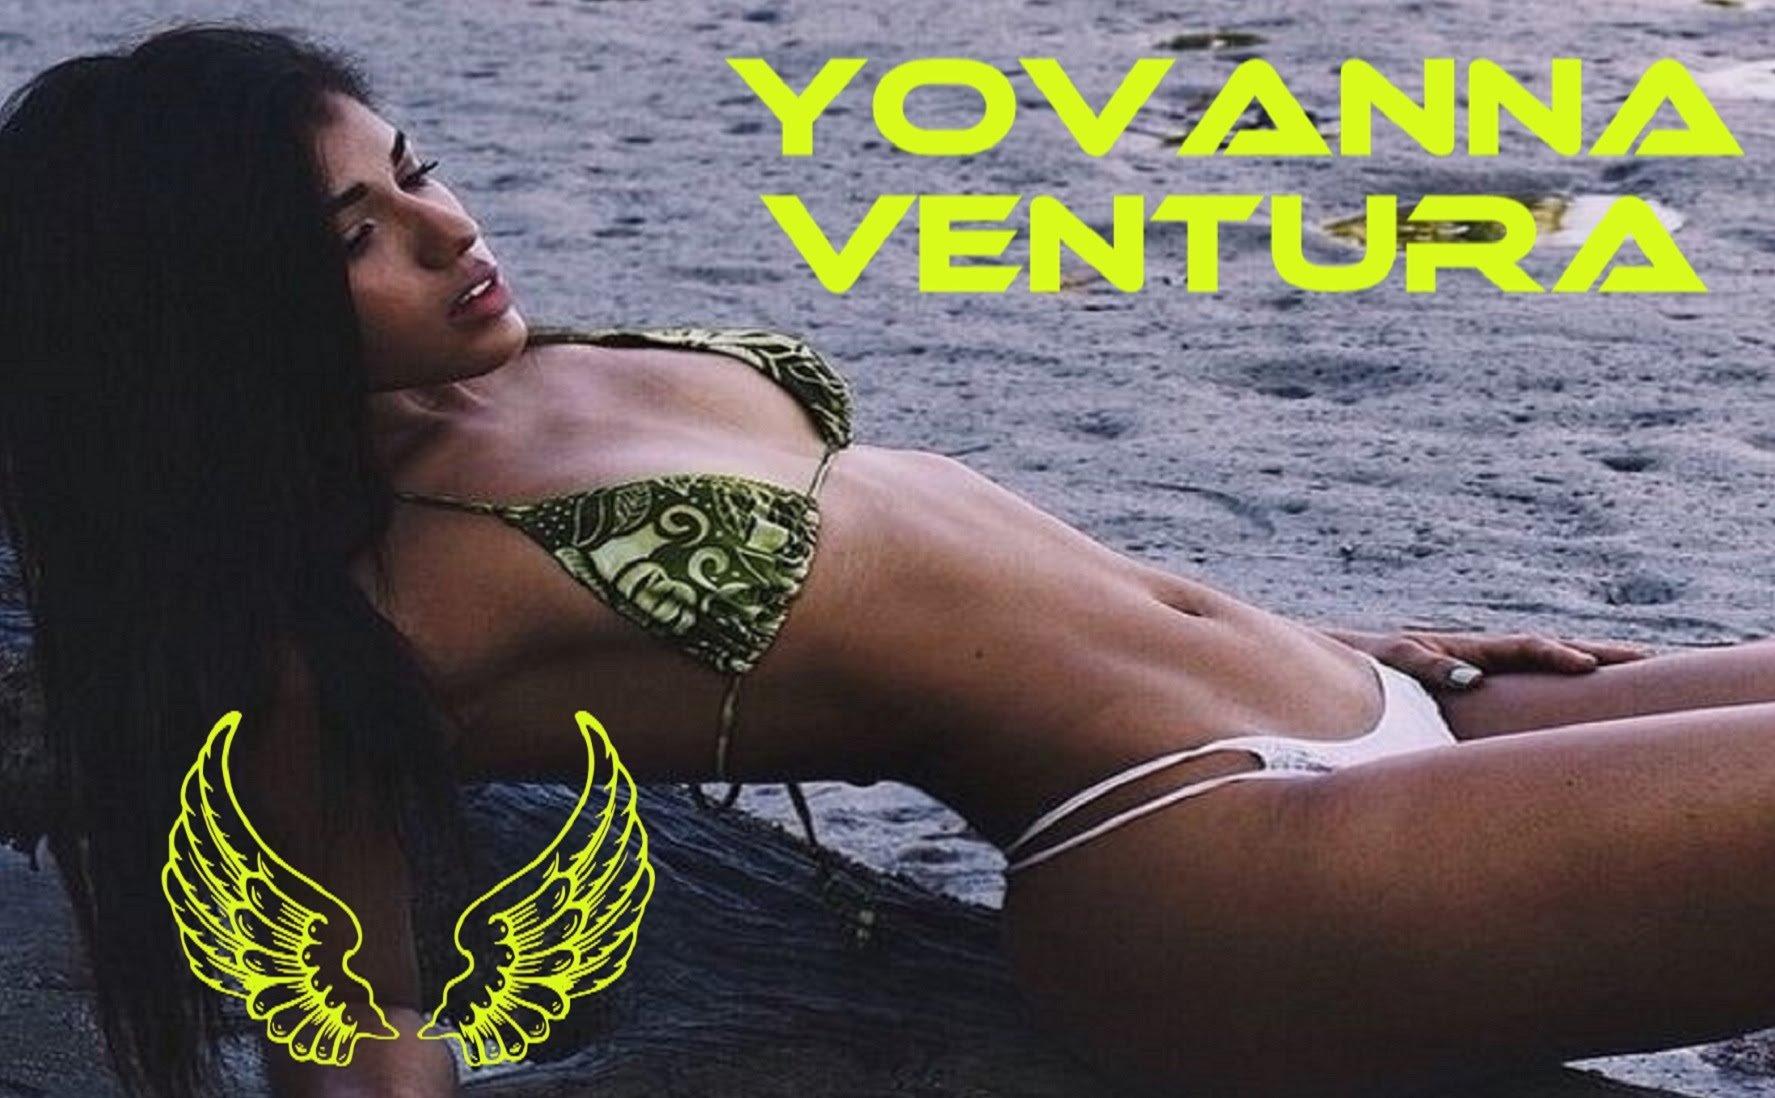 celebrity nude (32 images) Erotica, Facebook, in bikini